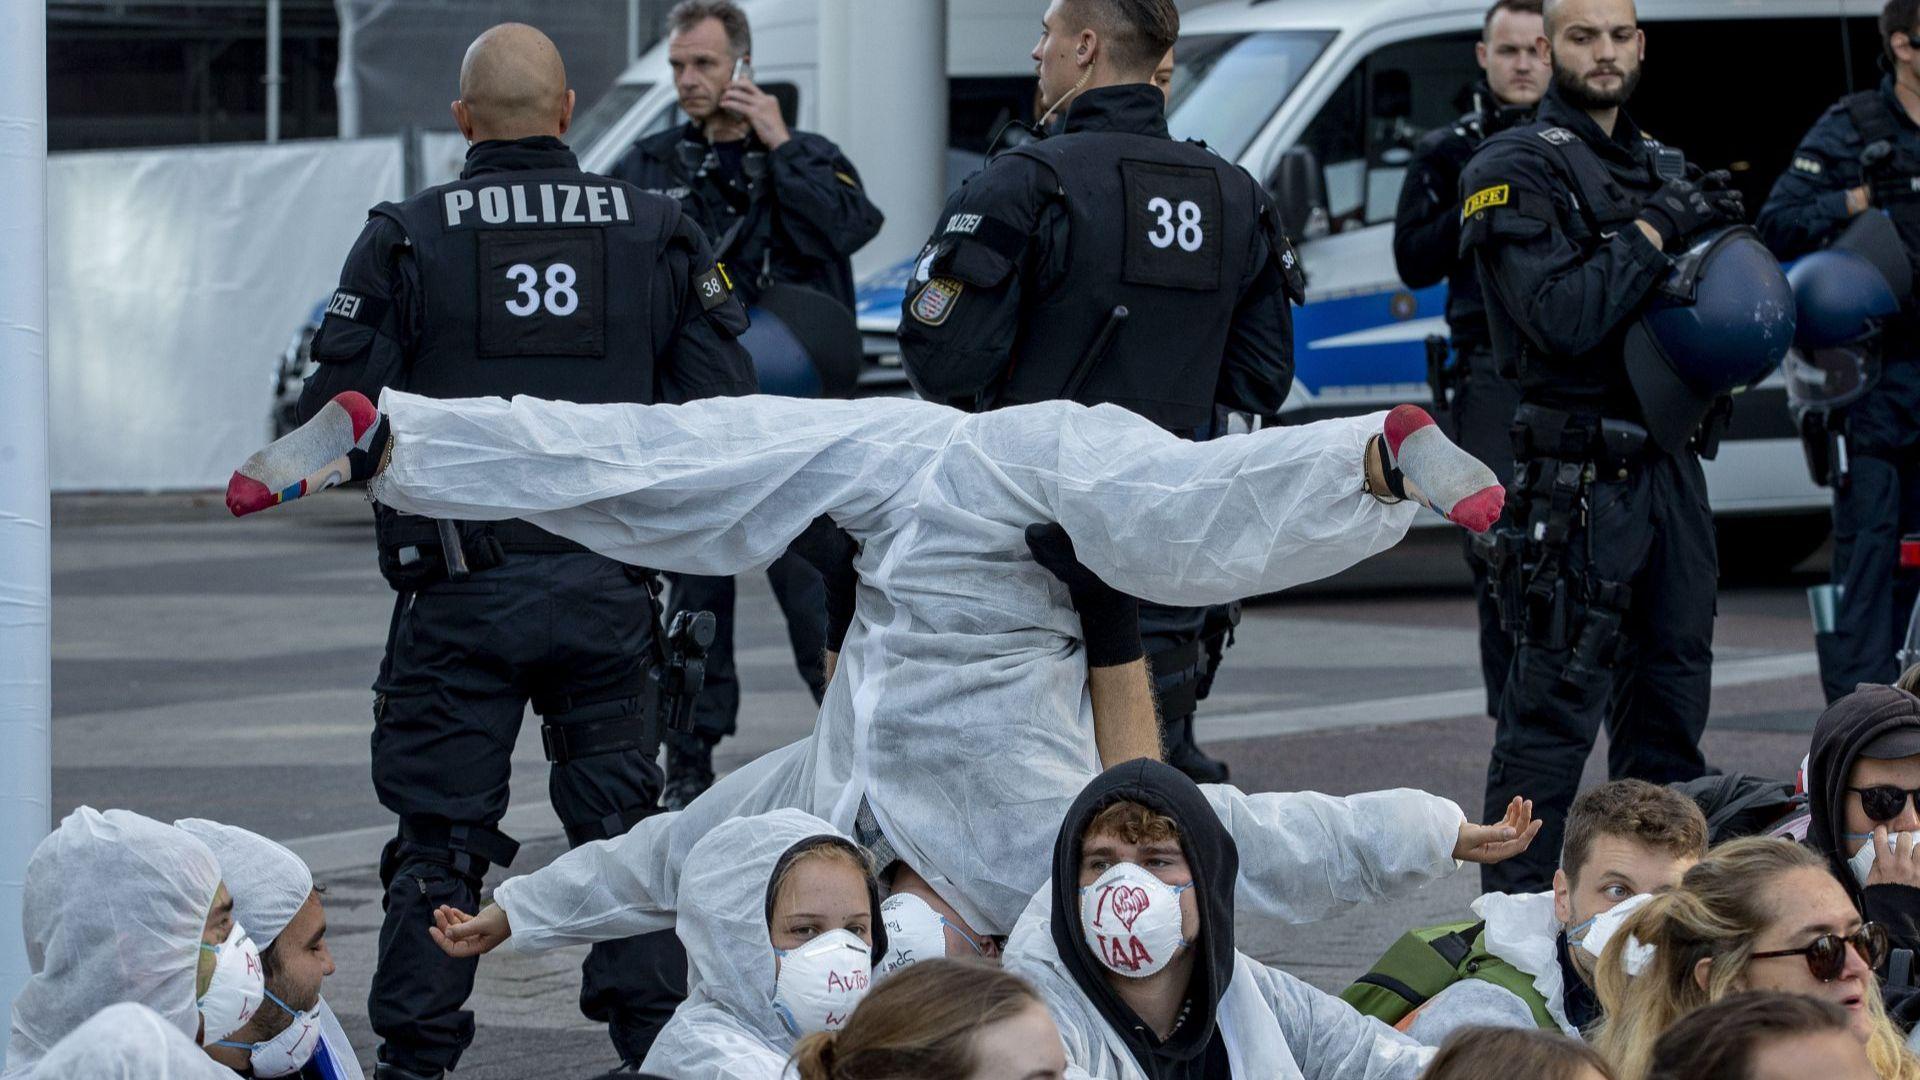 Стотици протестиращи блокираха входа към автомобилното изложение във Франкфурт